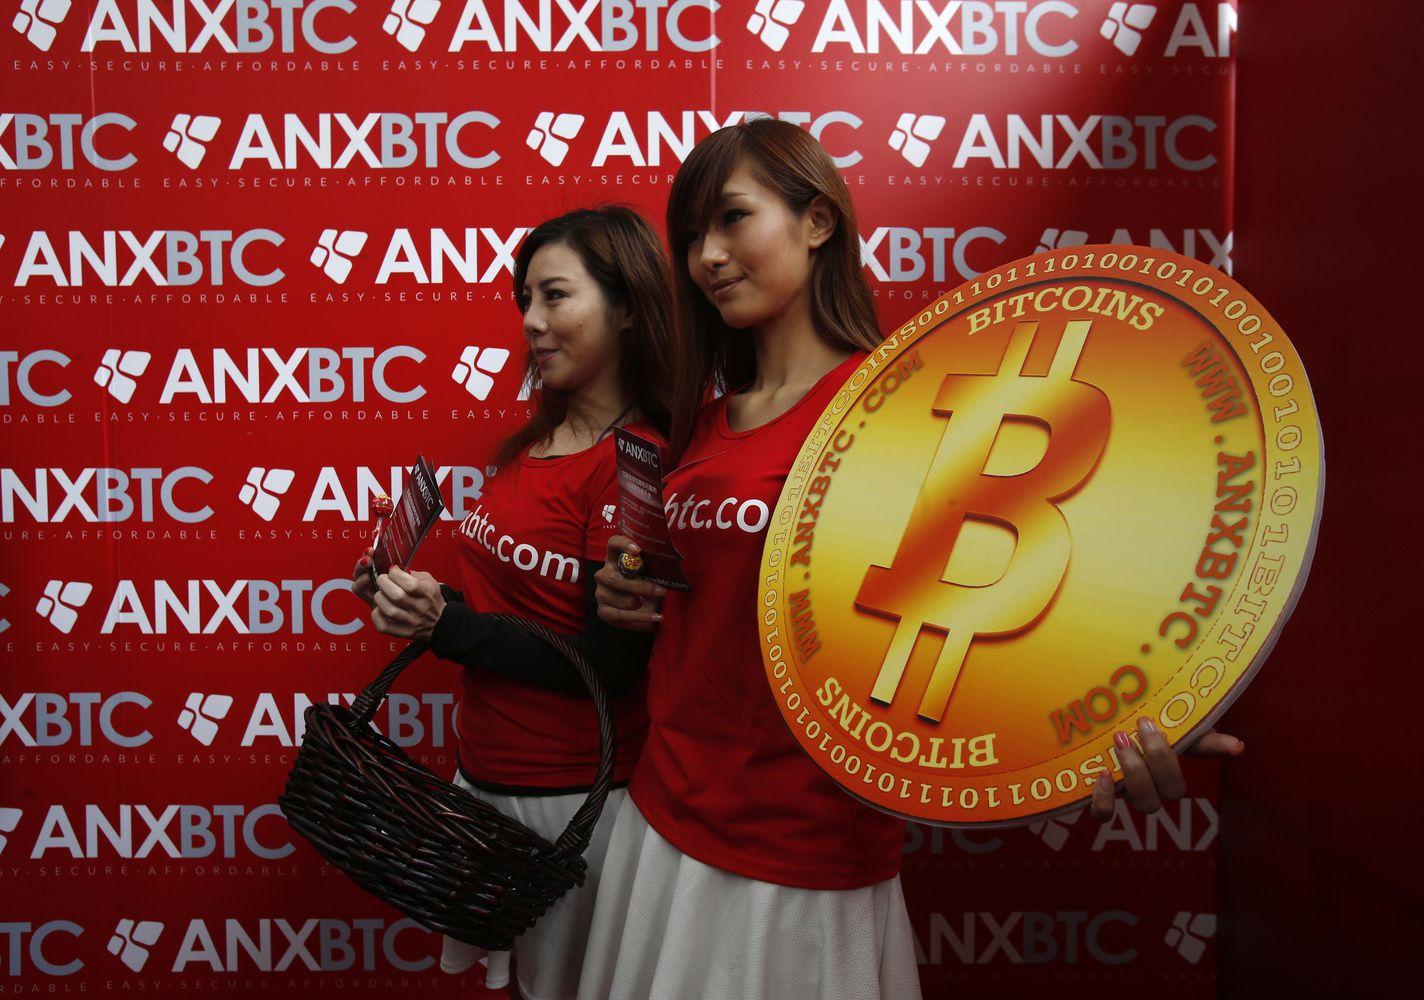 Kinijos liaudies bankas: viešas kriptovaliutos siūlymas – nelegalus